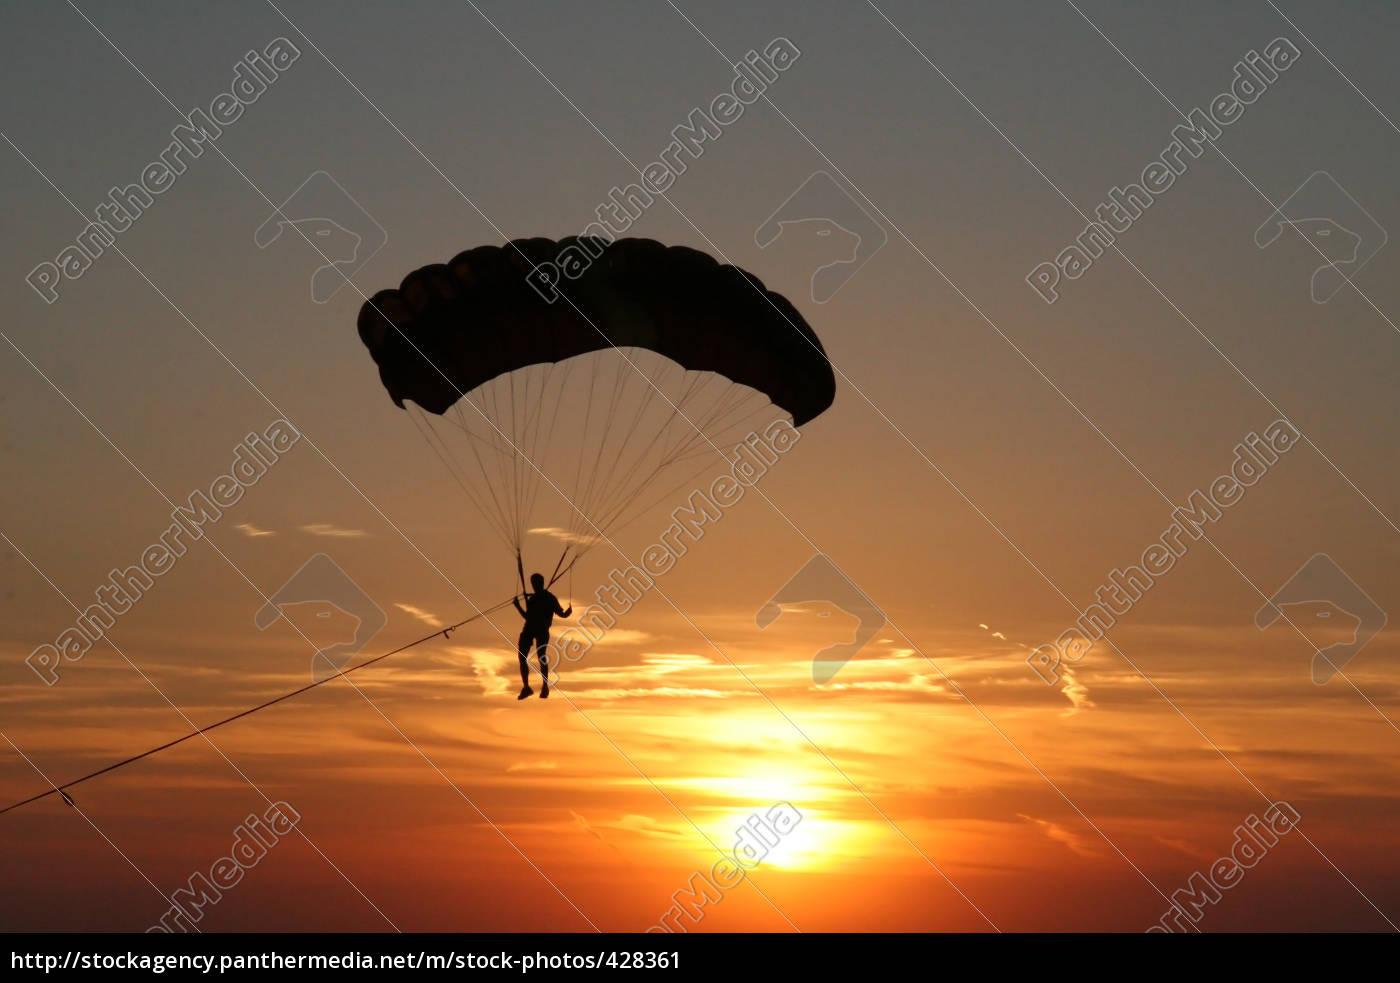 follow, the, sun, ... - 428361